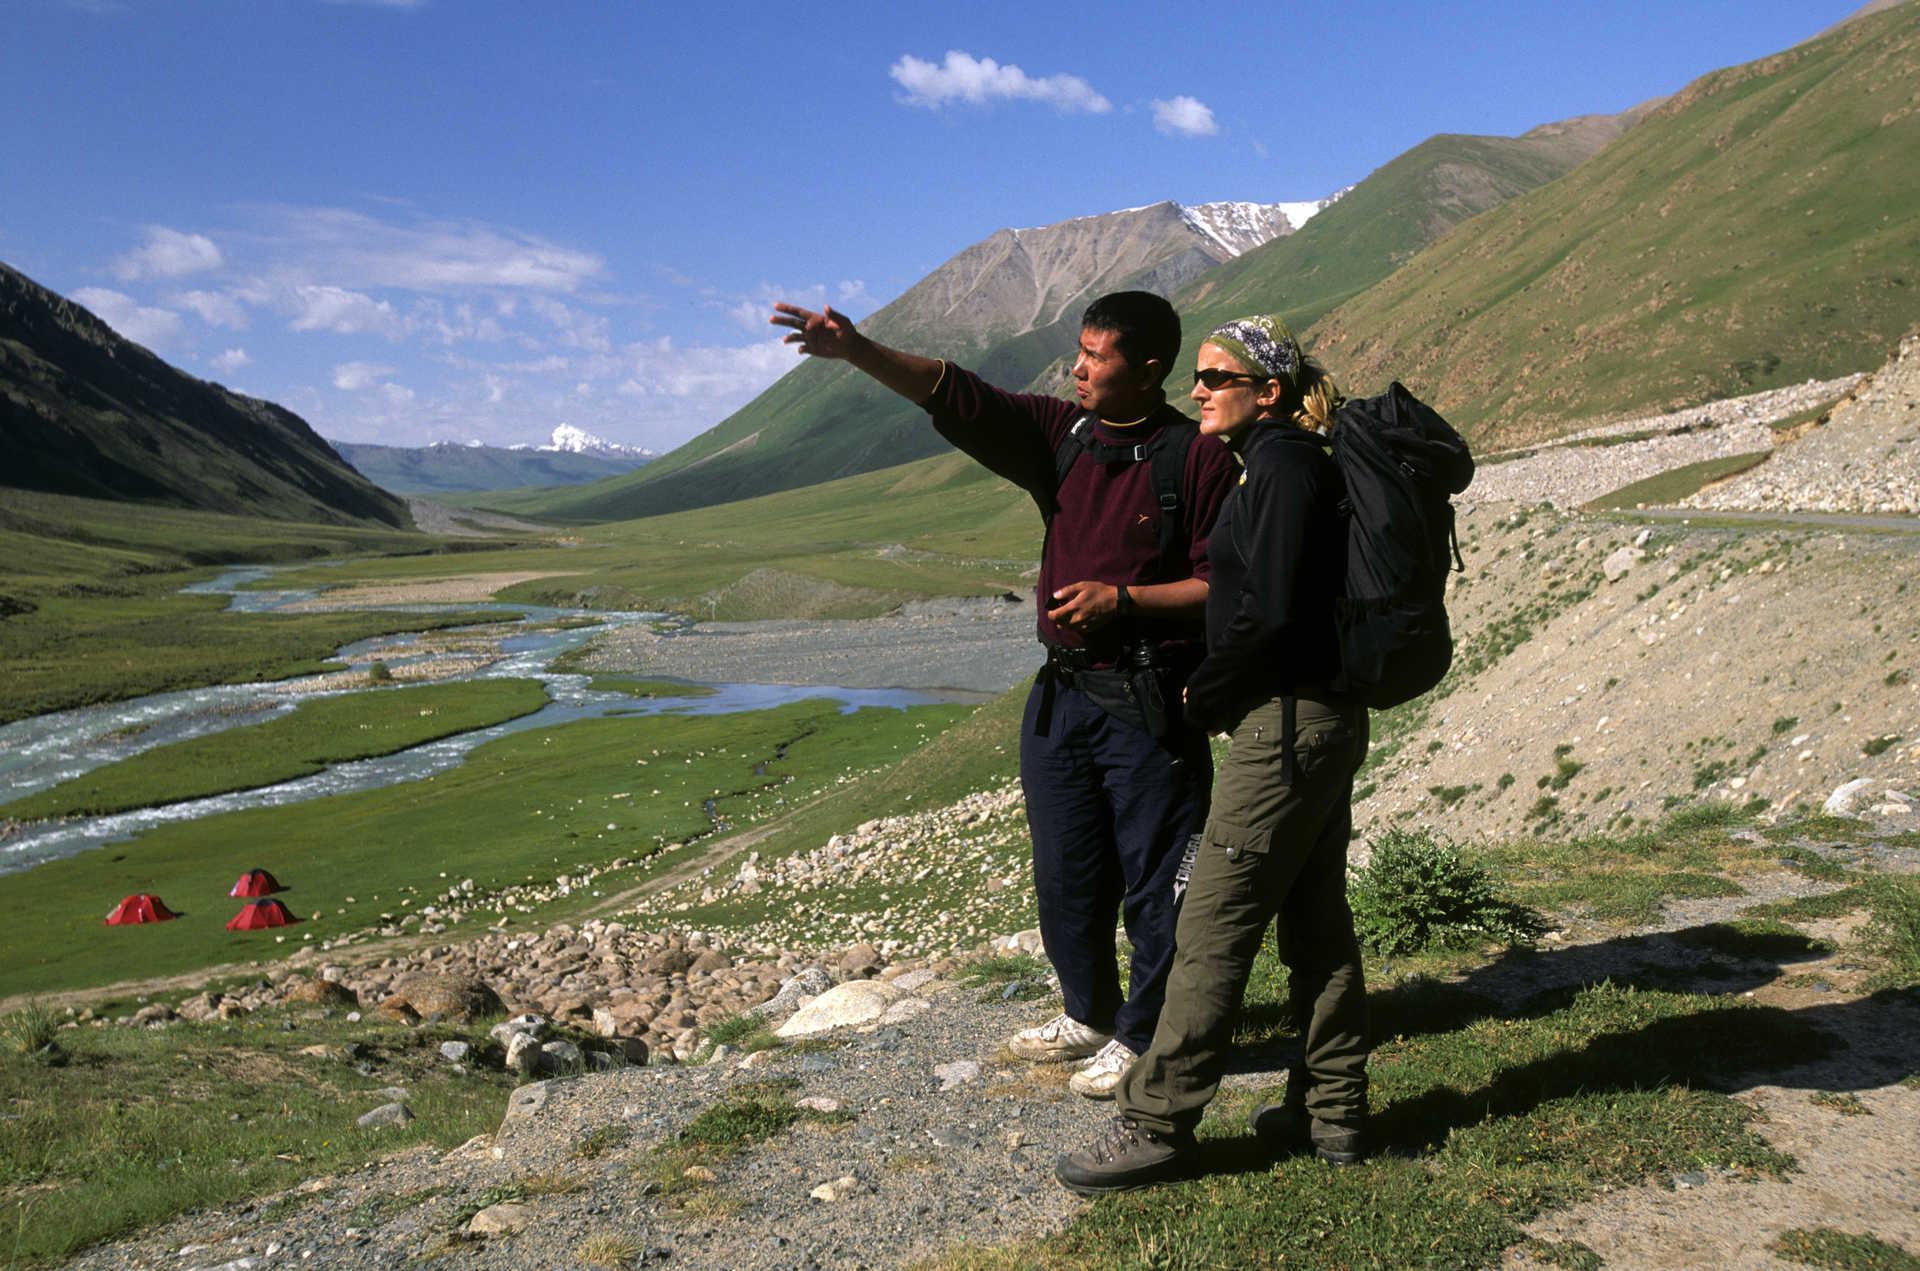 Randonnée voyage combiné Ouzbékistan et Kirghizie